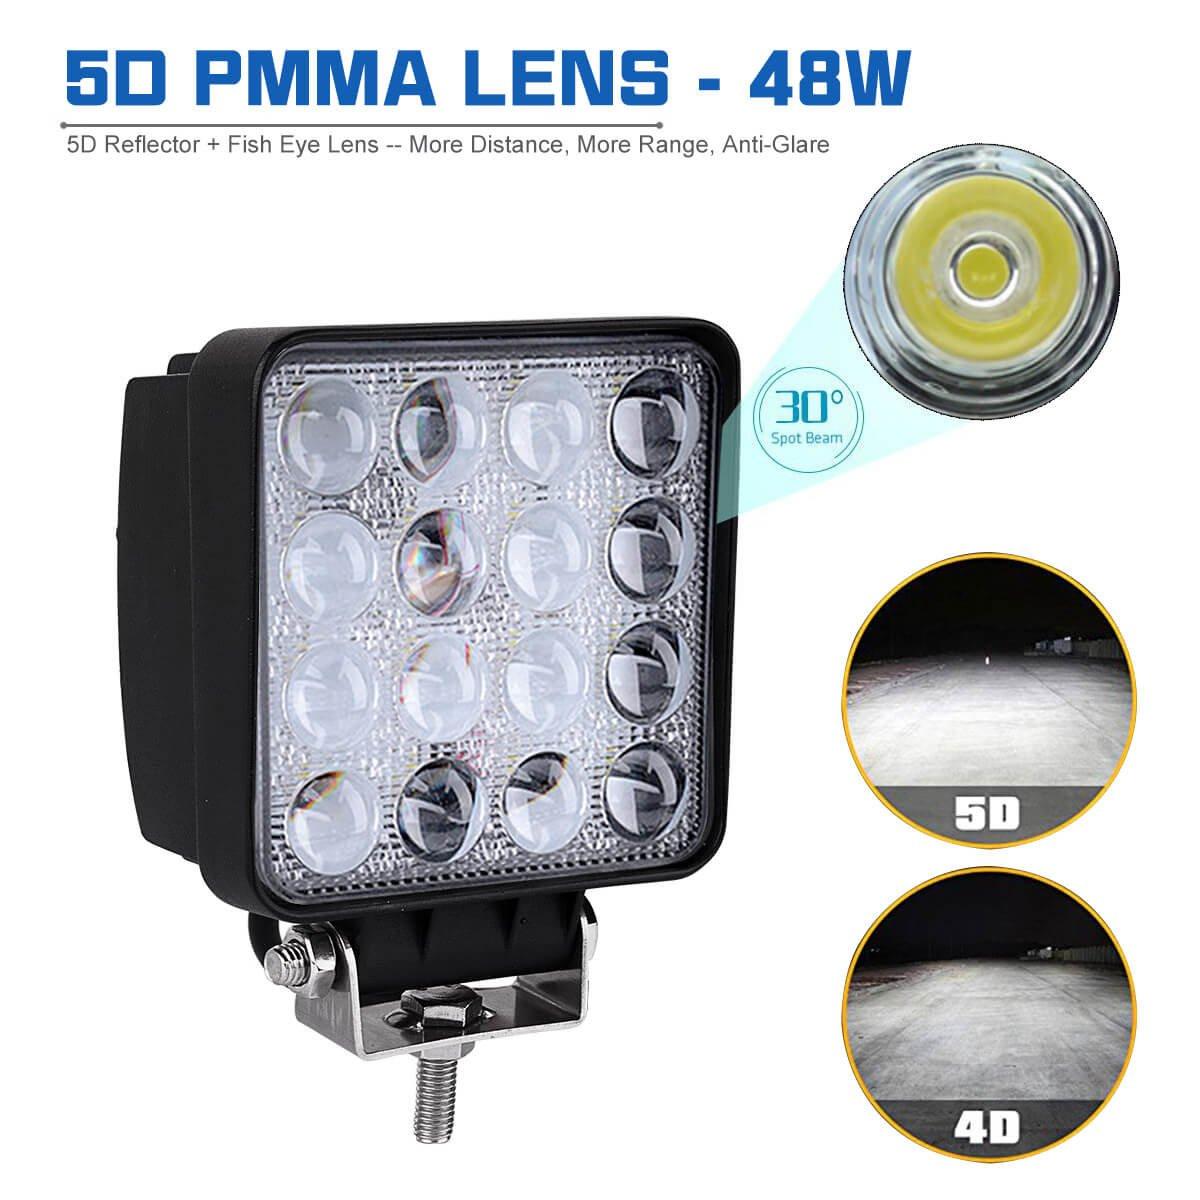 LEMIL 48W 5D Lens LED Work Light 12V Spot Light Driving Fog Light Off Road Spot Beam Lamp Boat Light with Magnetic Base Waterproof Emergency Light for Truck SUV 12V 24V Searchlight by LEMIL (Image #2)